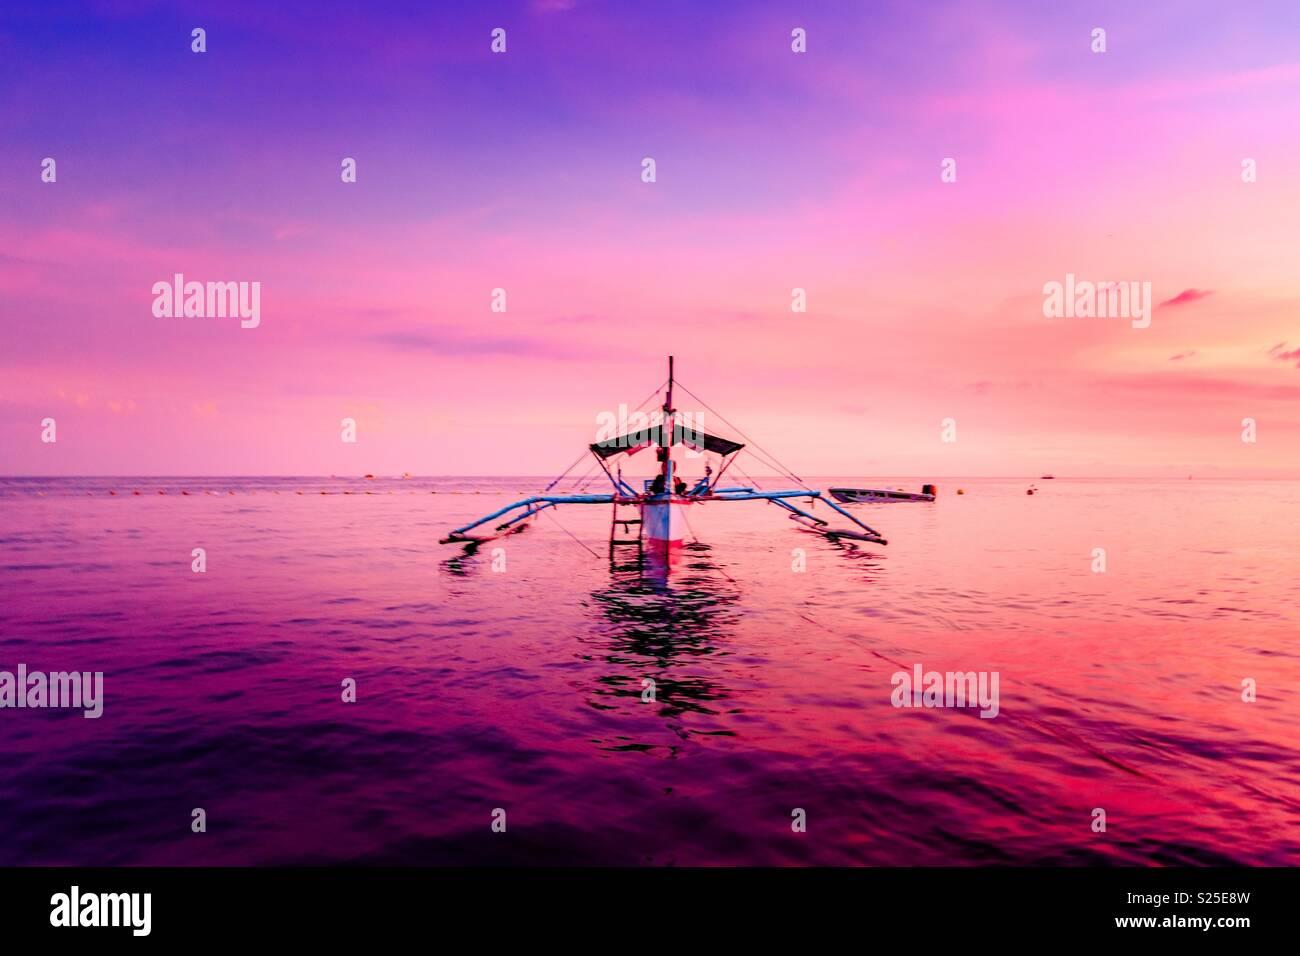 Pôr do sol na praia de Morong, Manila, Filipinas Imagens de Stock